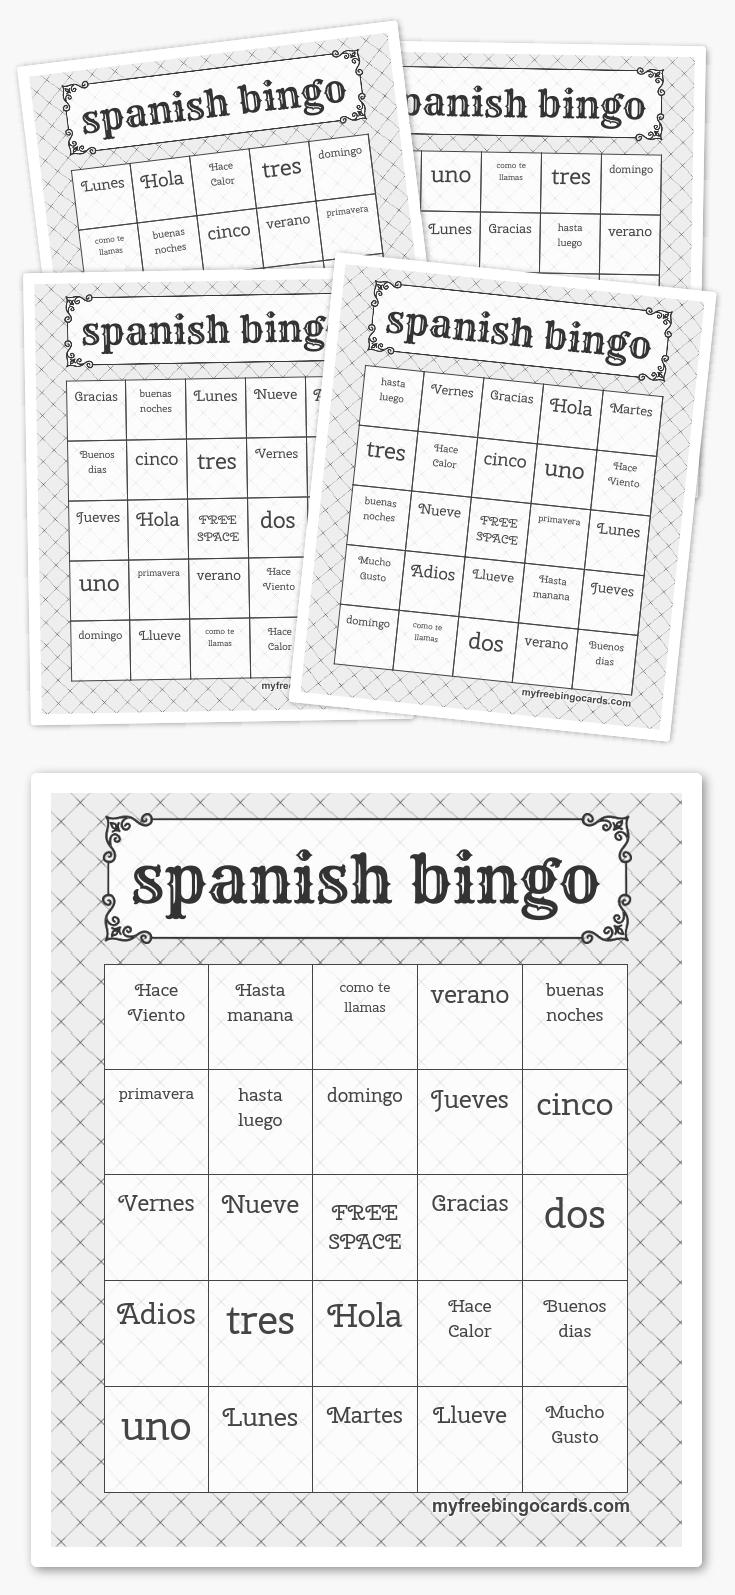 Spanish Bingo   Paises Latinos   Free Printable Bingo Cards, Bingo - Free Printable Spanish Bingo Cards